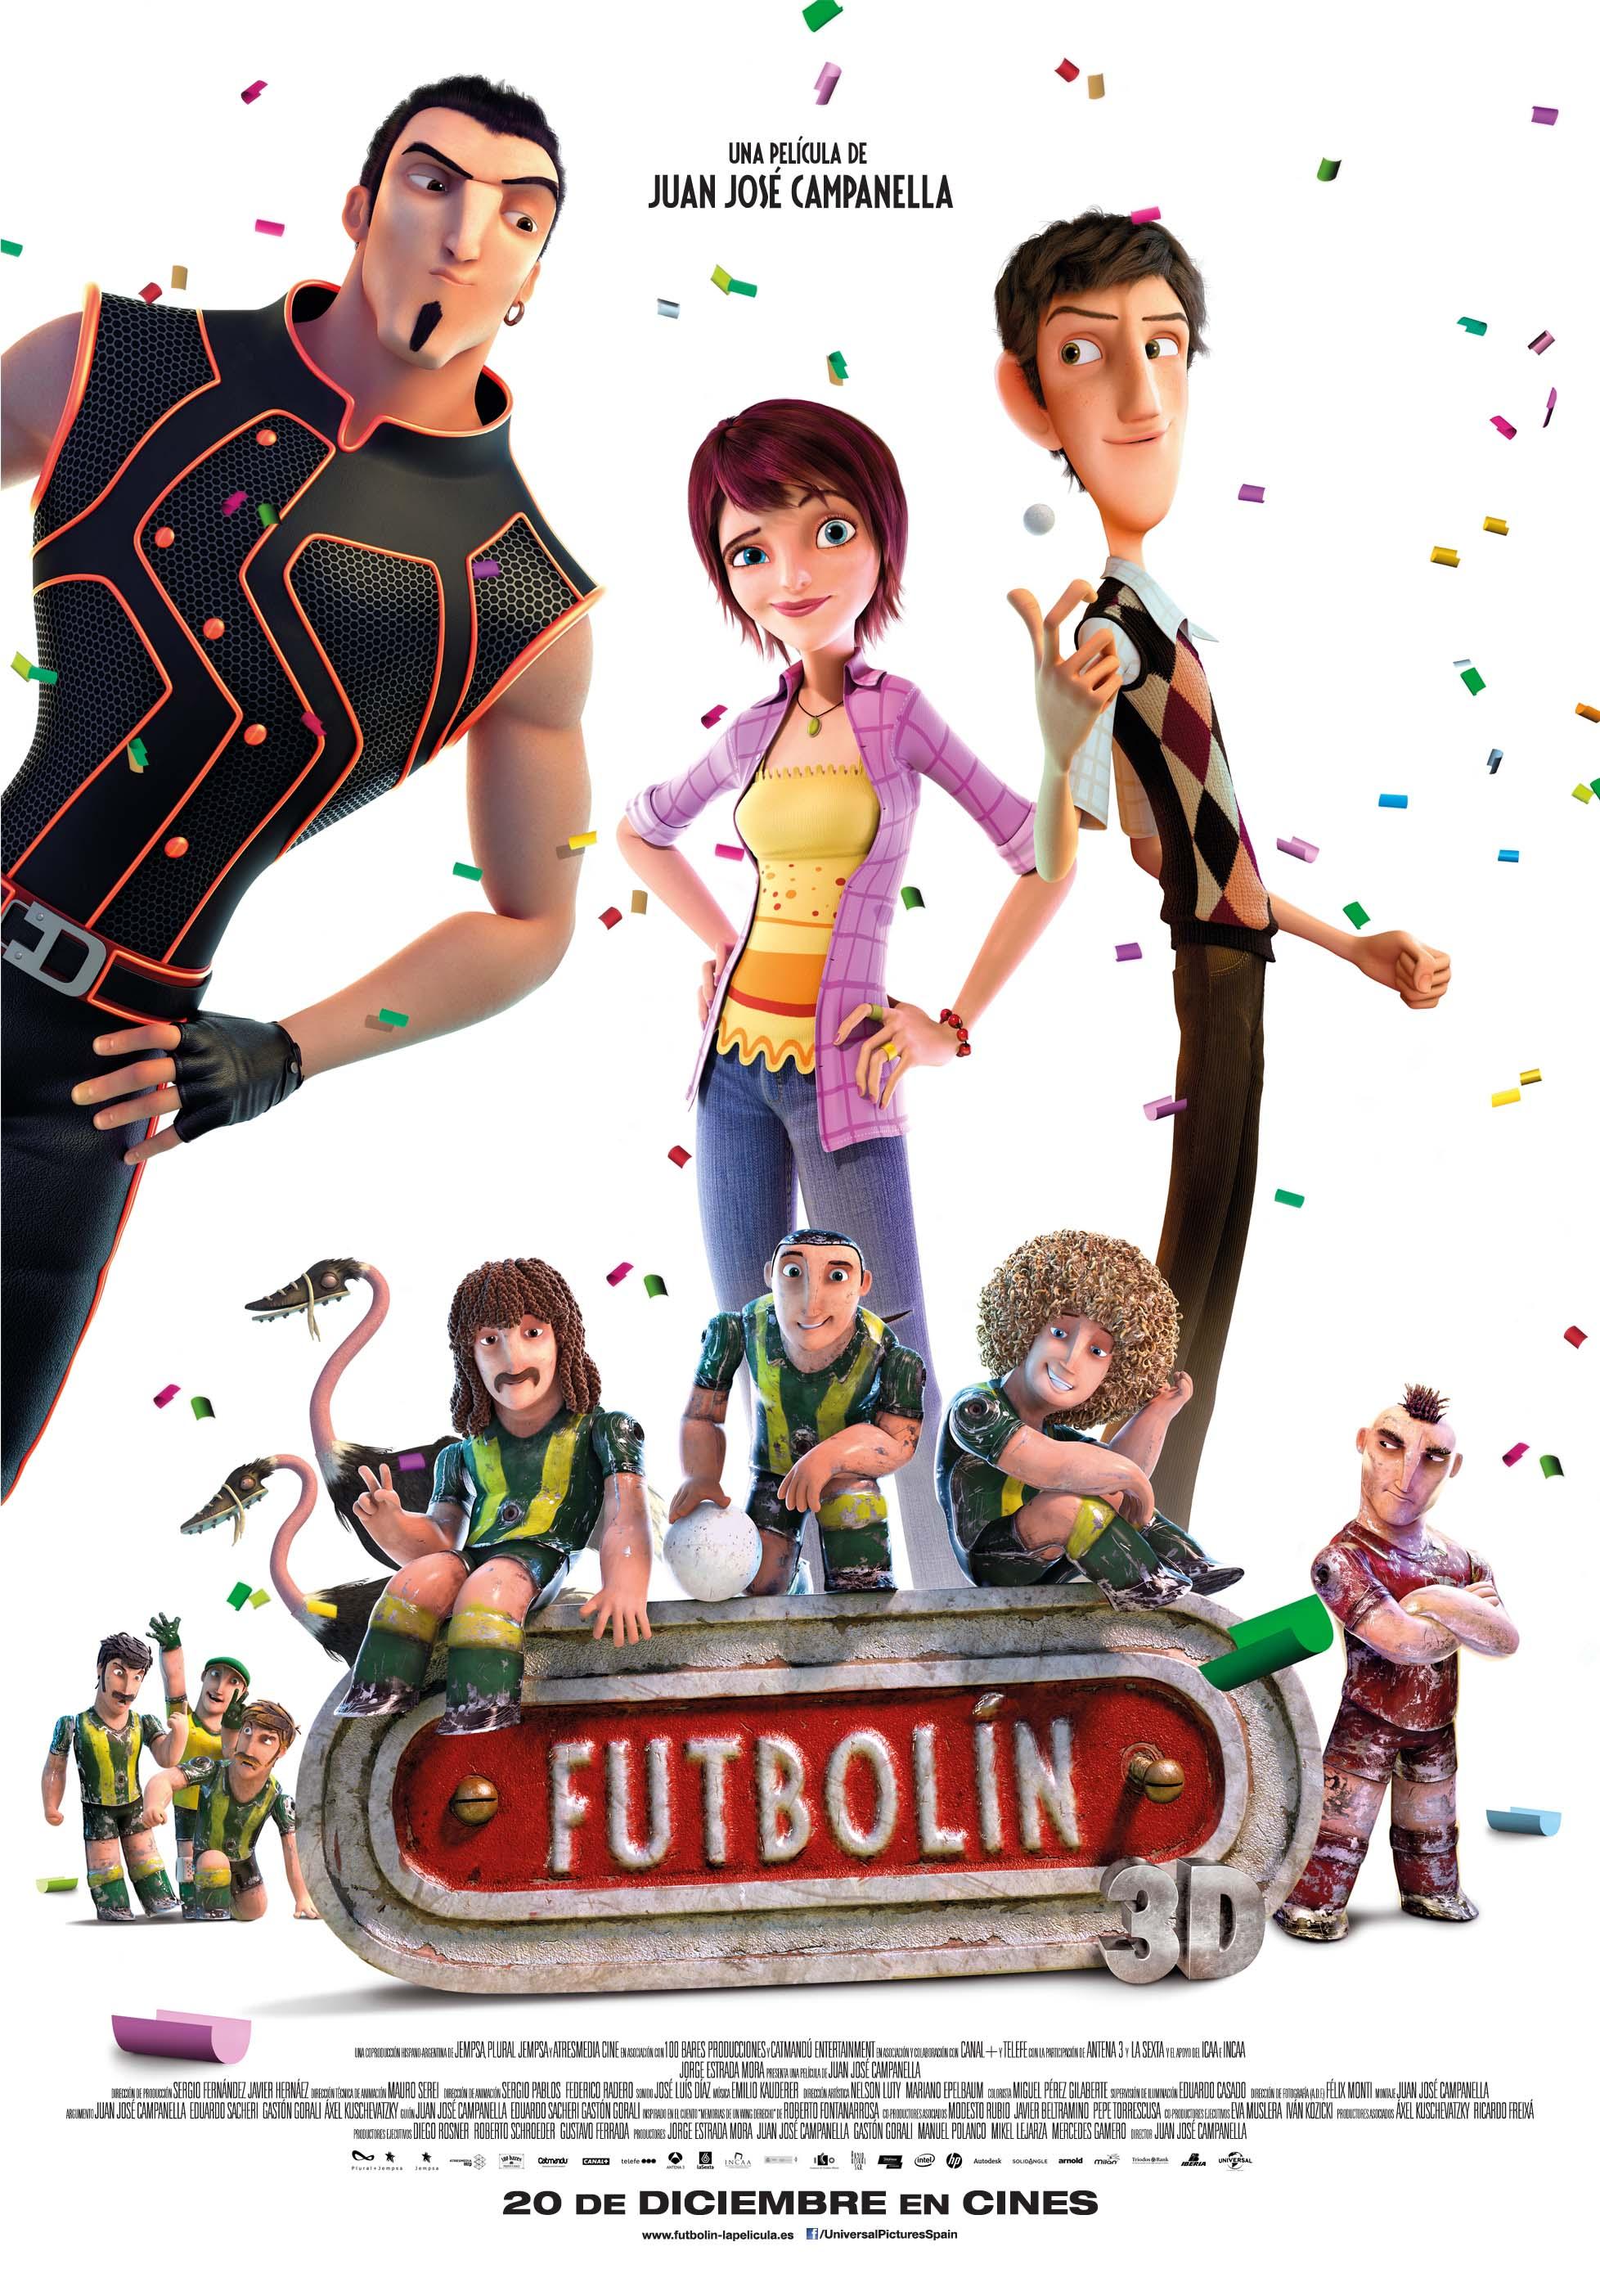 Cartel Futbolín